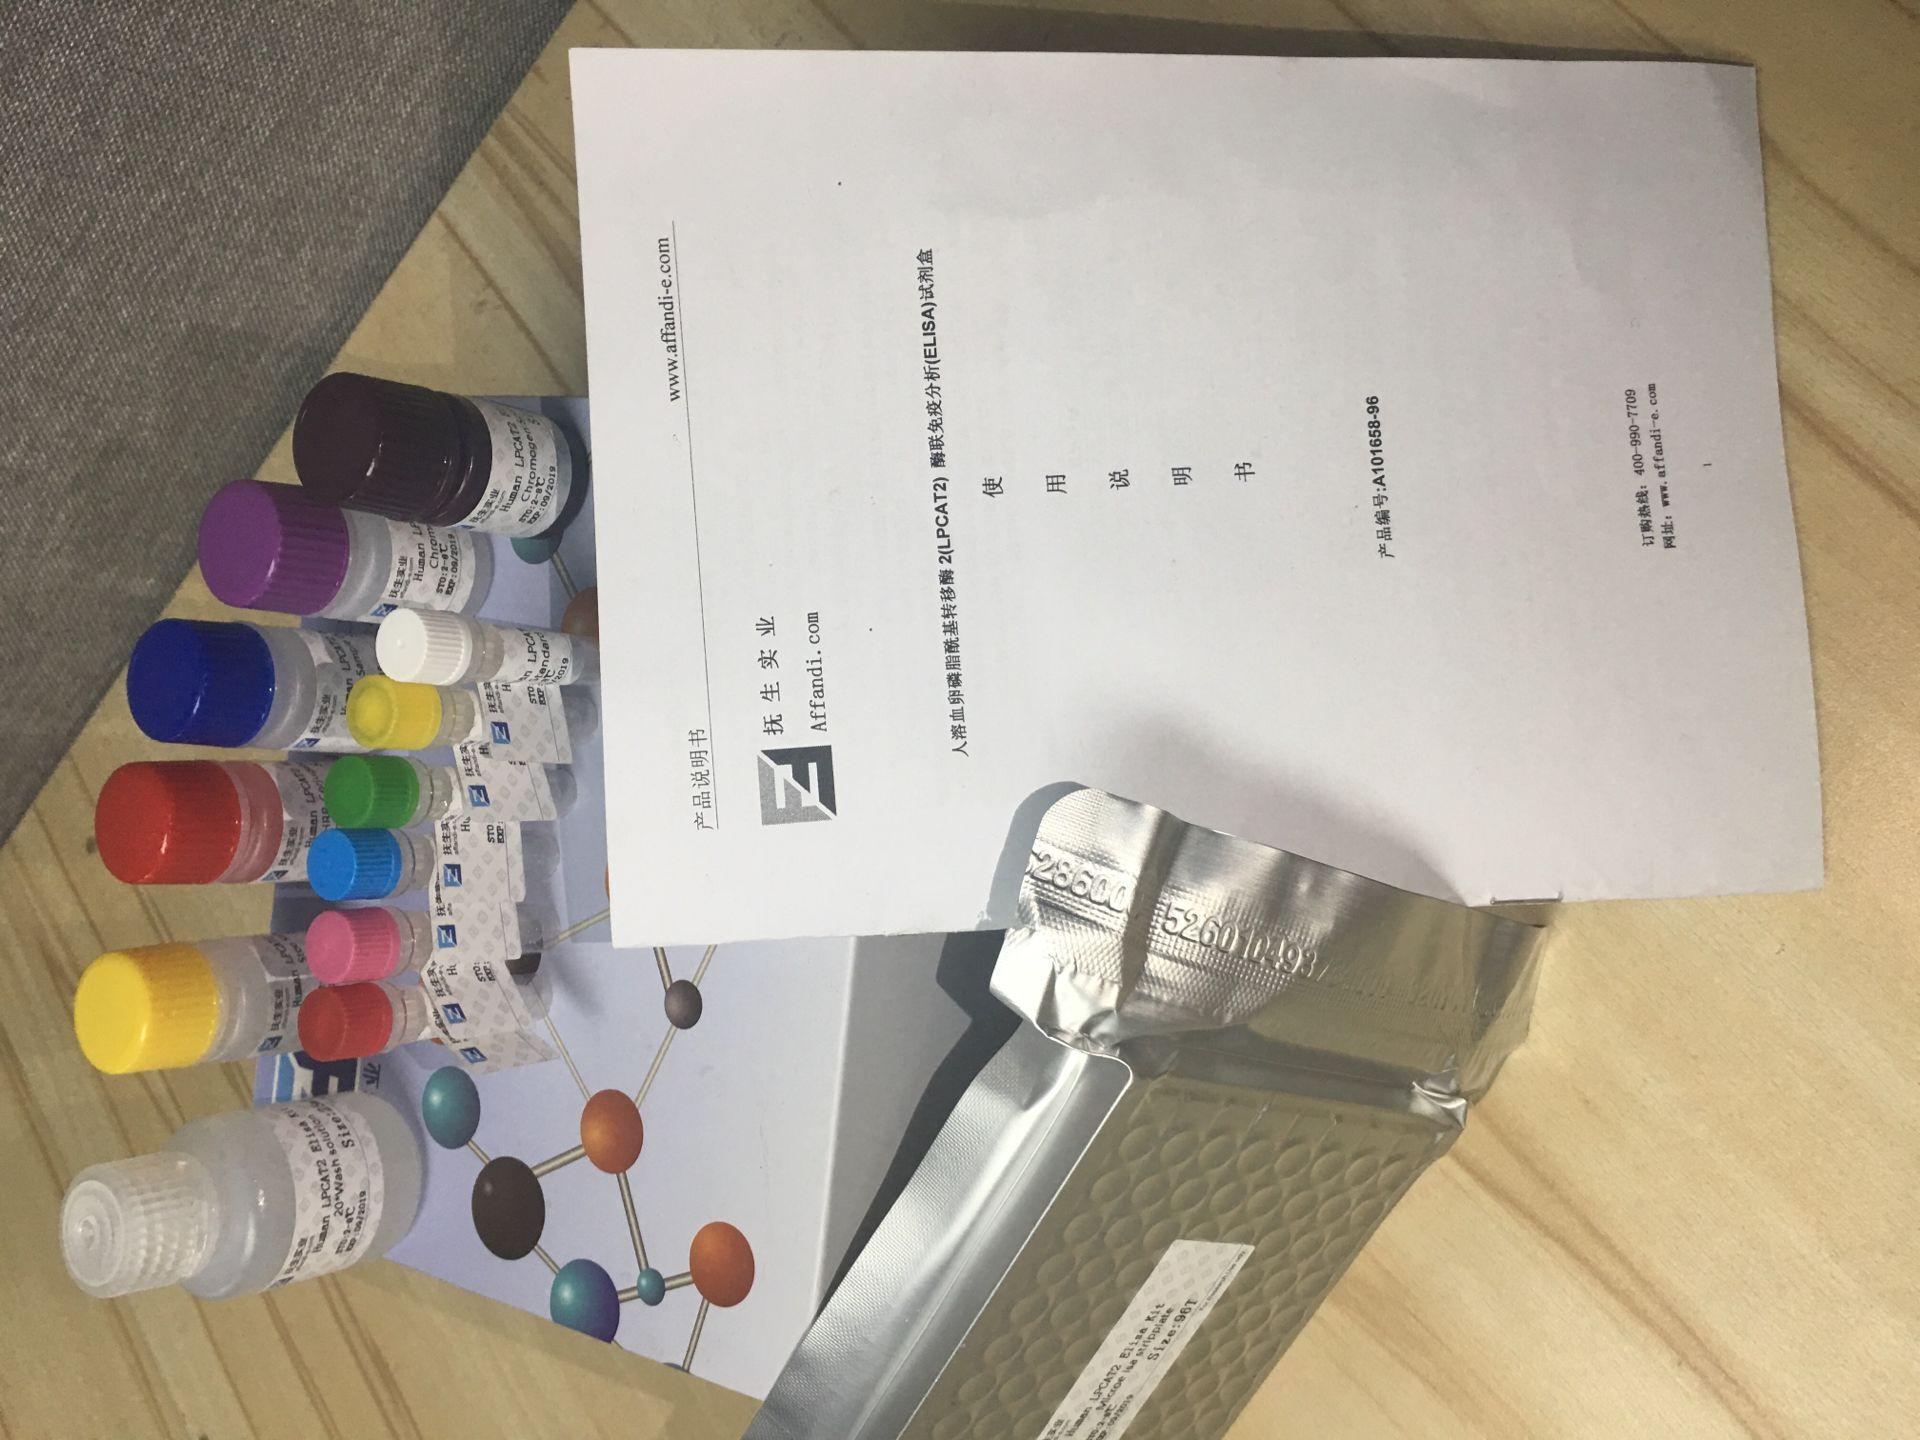 激肽释放酶2检测试剂盒